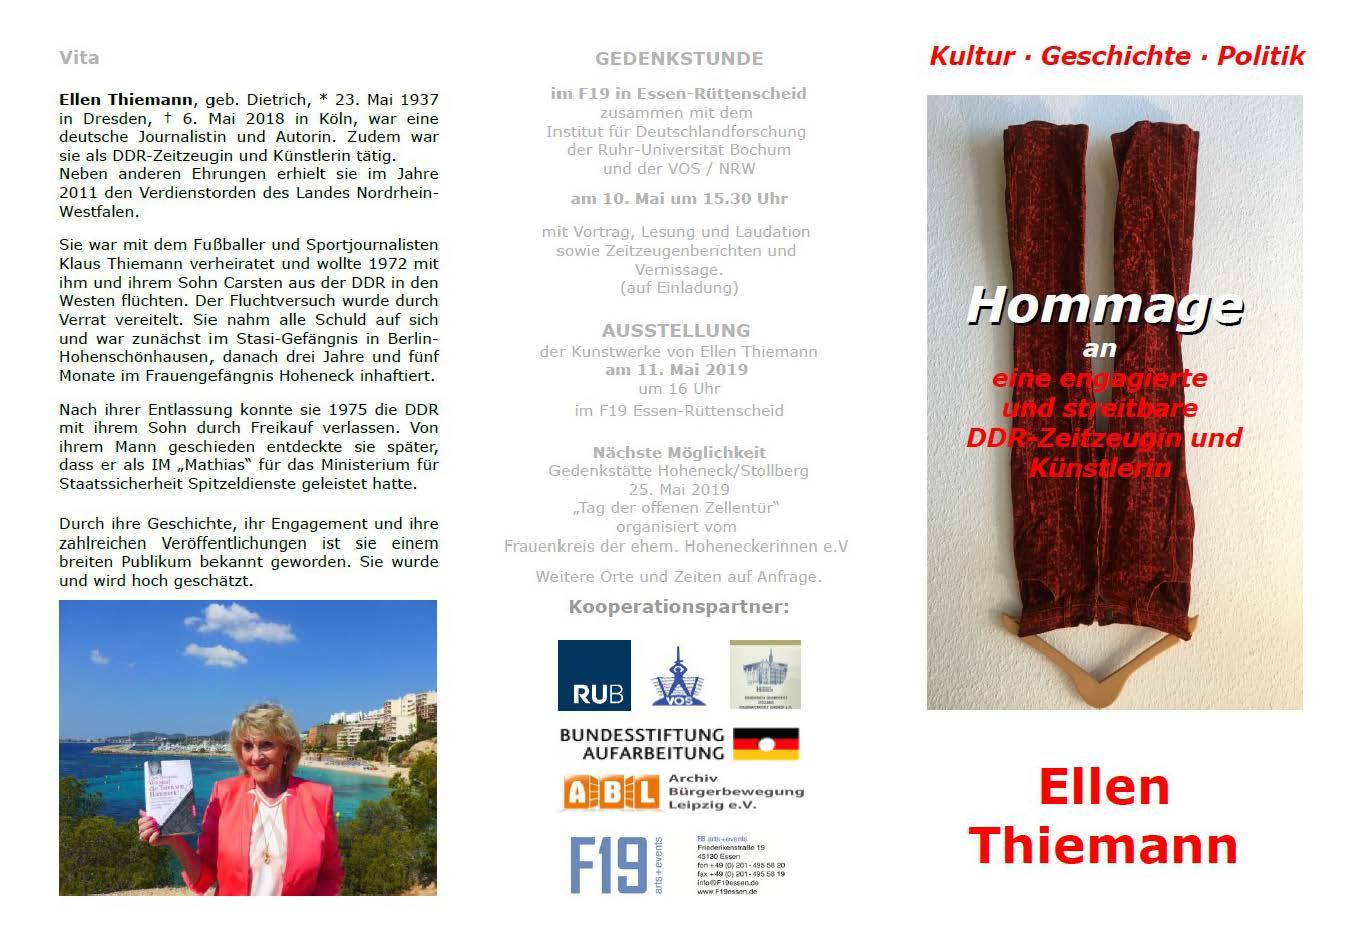 F19_Flyer_Gedenken_Ellen_Thiemann (1)_Seite_1